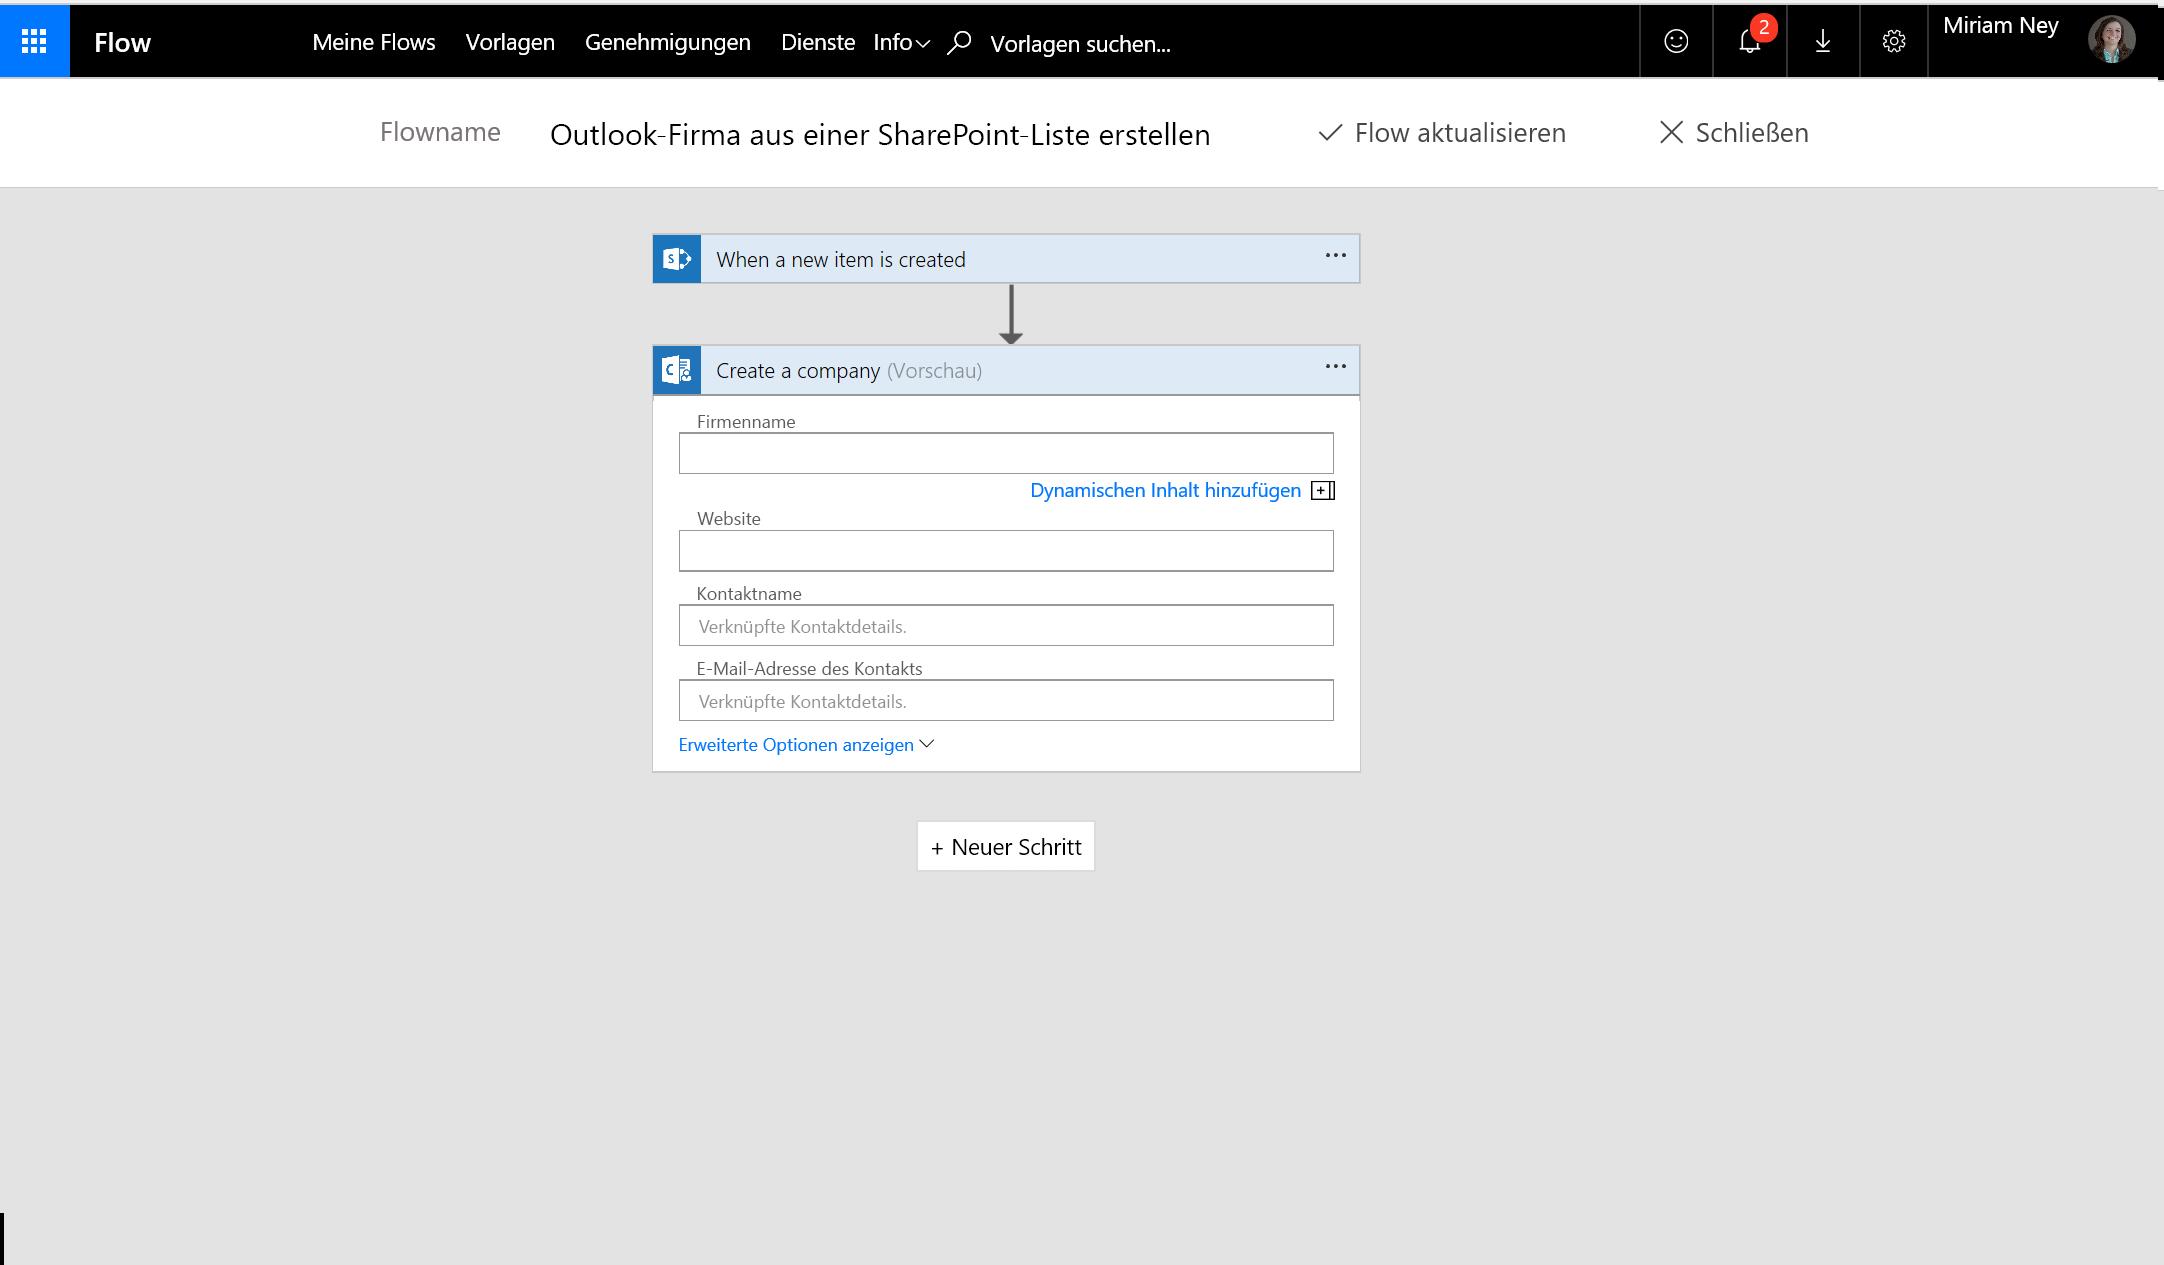 Screenshot zum Erstellen von Unternehmen mit Fluss